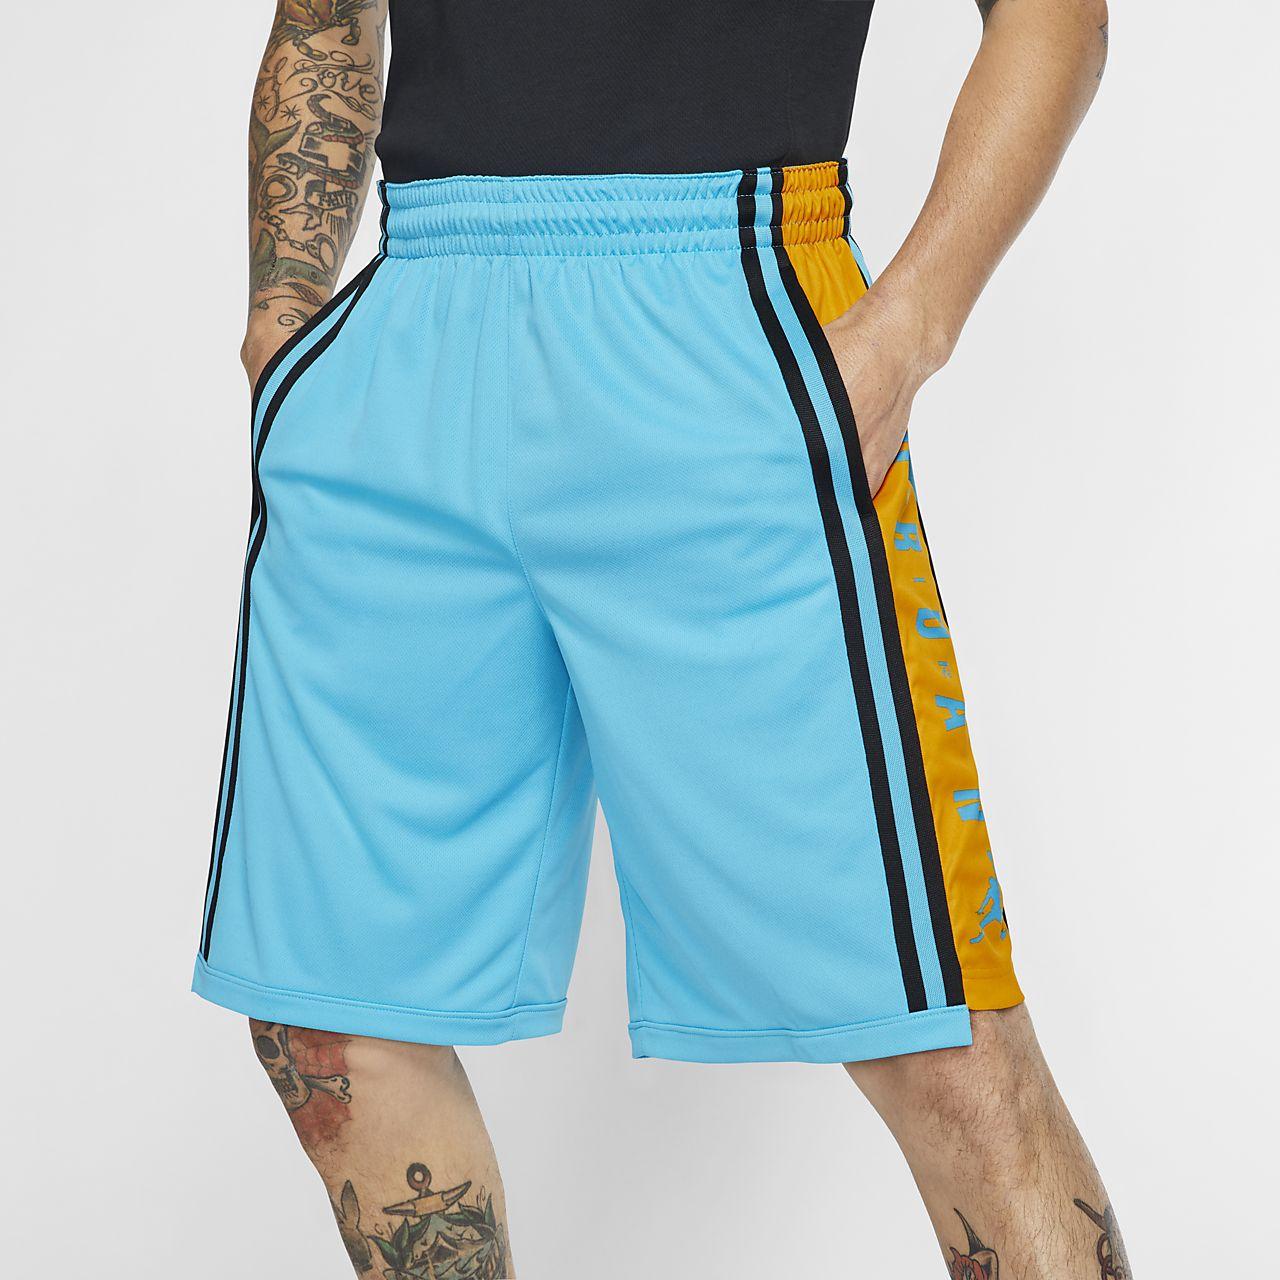 ジョーダン HBR メンズ バスケットボールショートパンツ